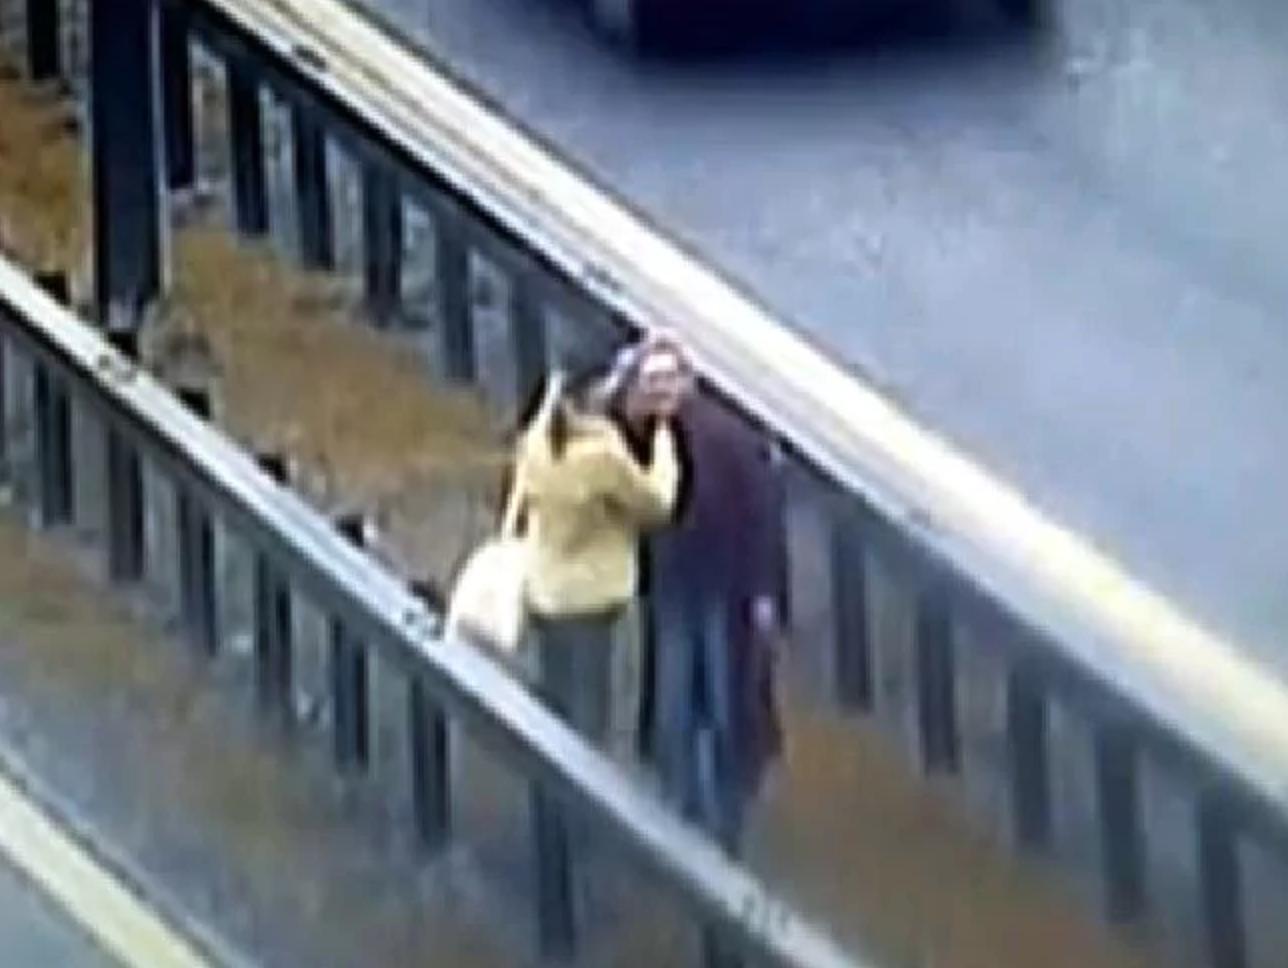 Ursula and Sabina Eriksson captured on CCTV, 17 May 2008